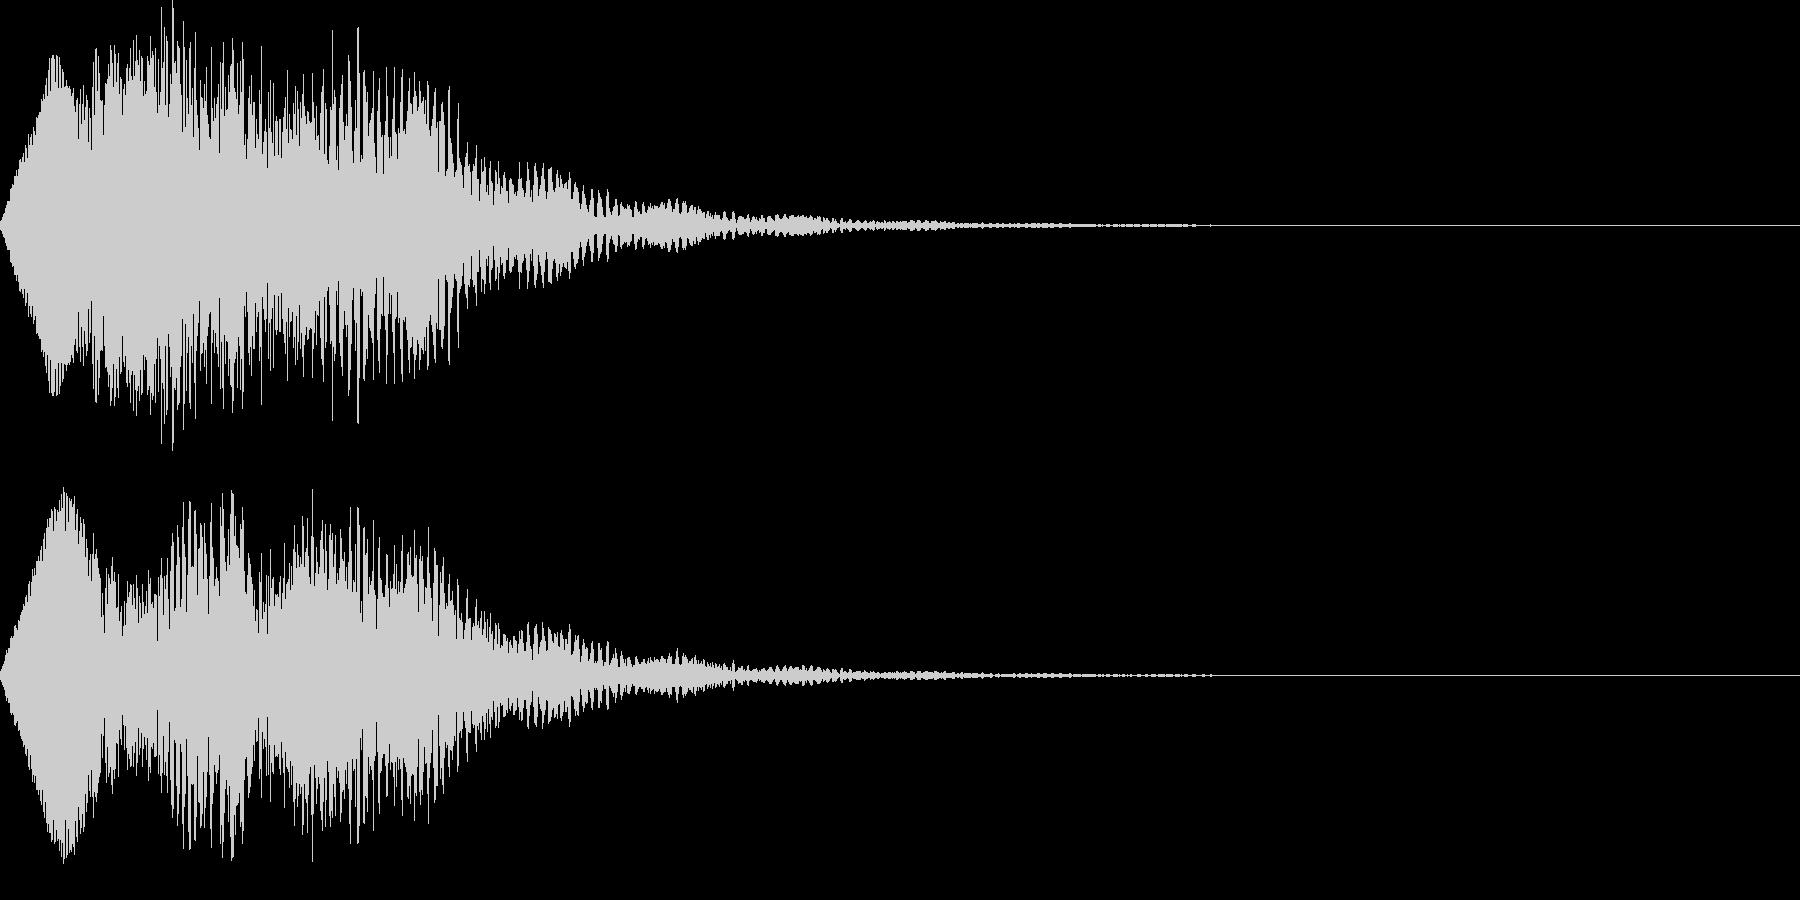 不思議な魔法の効果音の未再生の波形